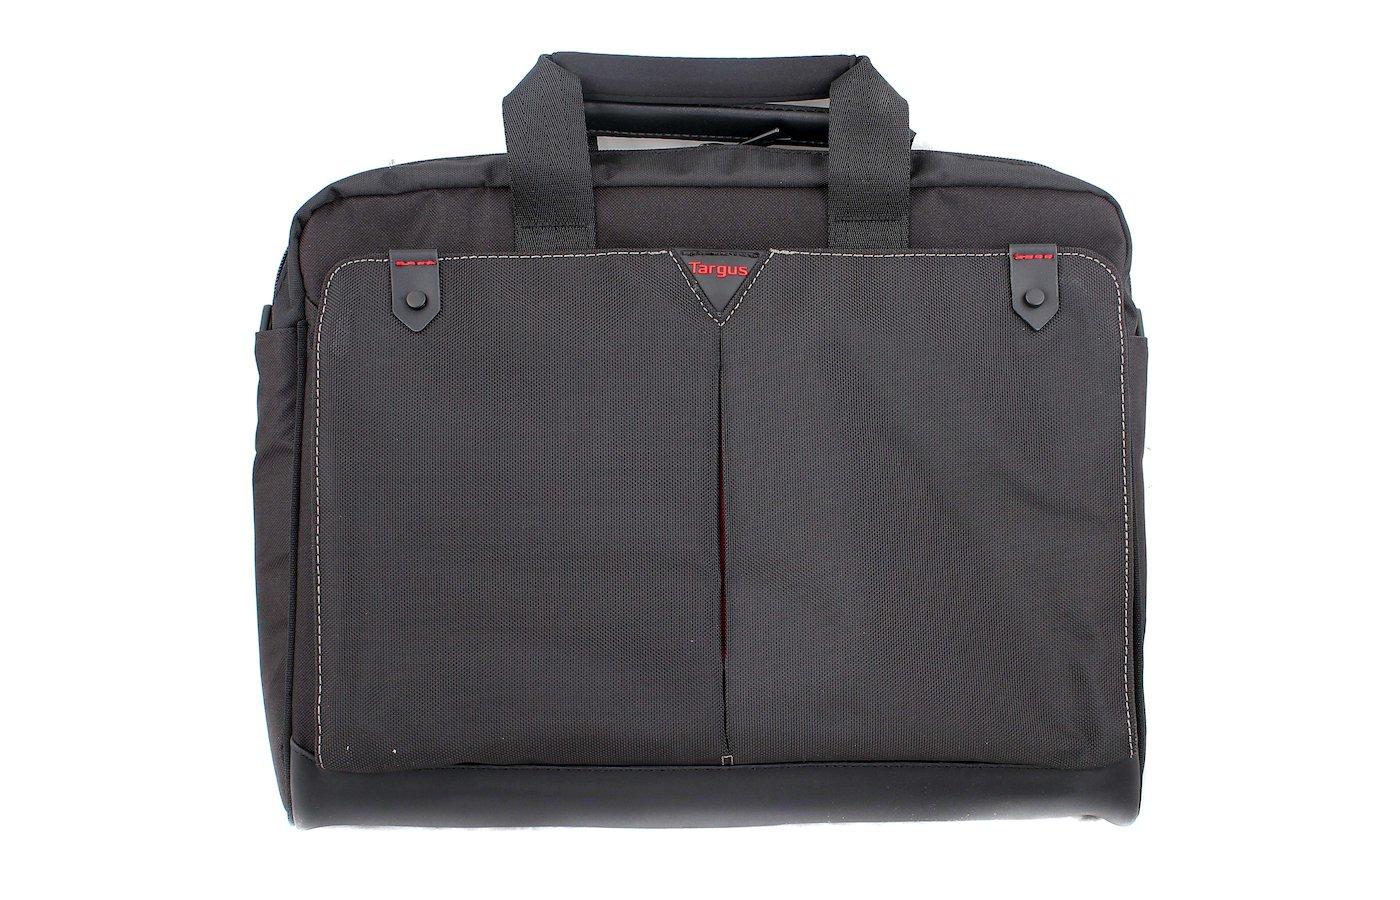 Кейс для ноутбука Targus CN515EU-50 Classic+ 15.6 черный нейлон